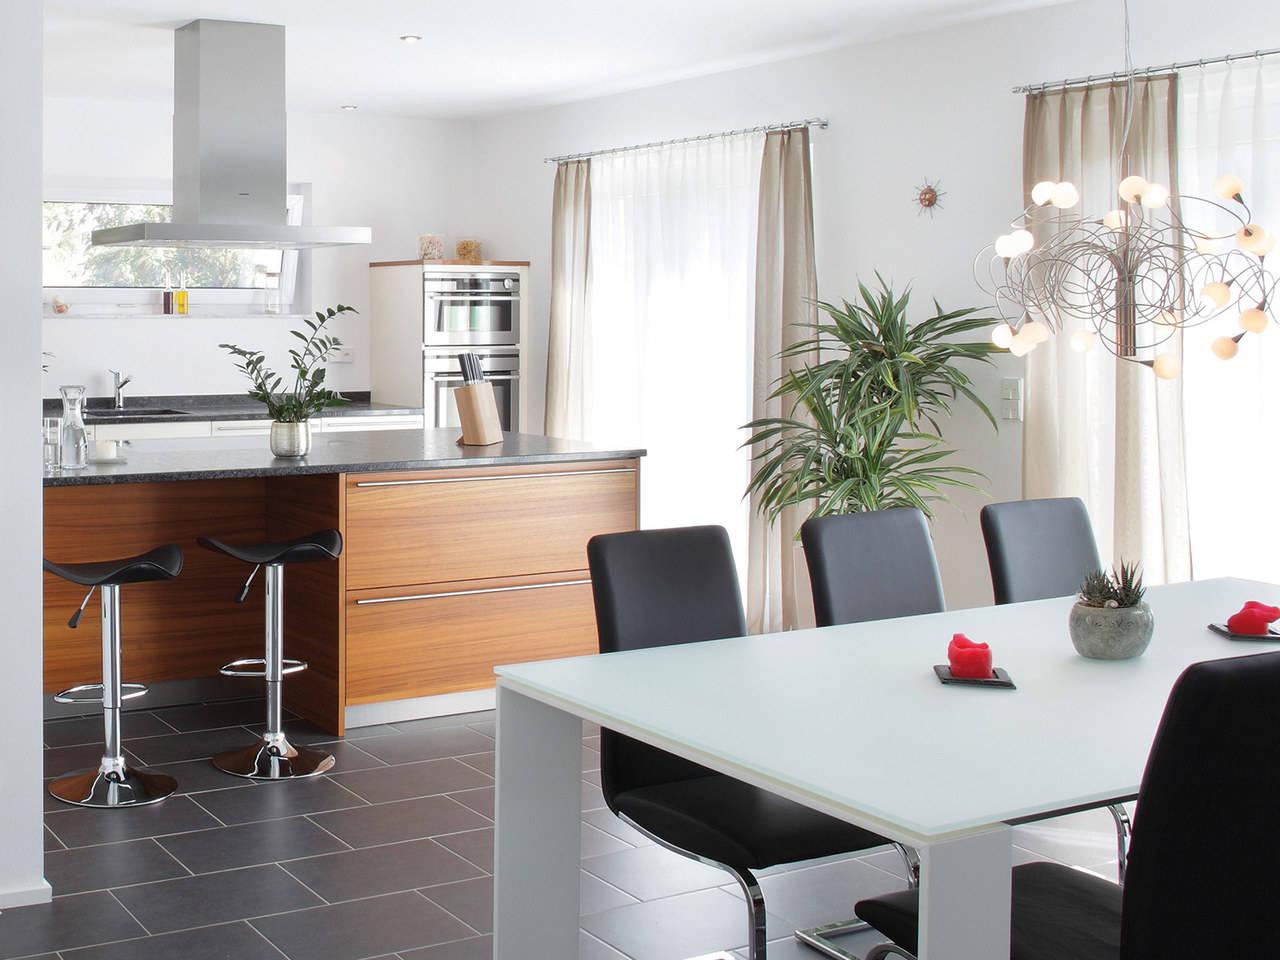 Hanse Haus Variant 35-184 Küche